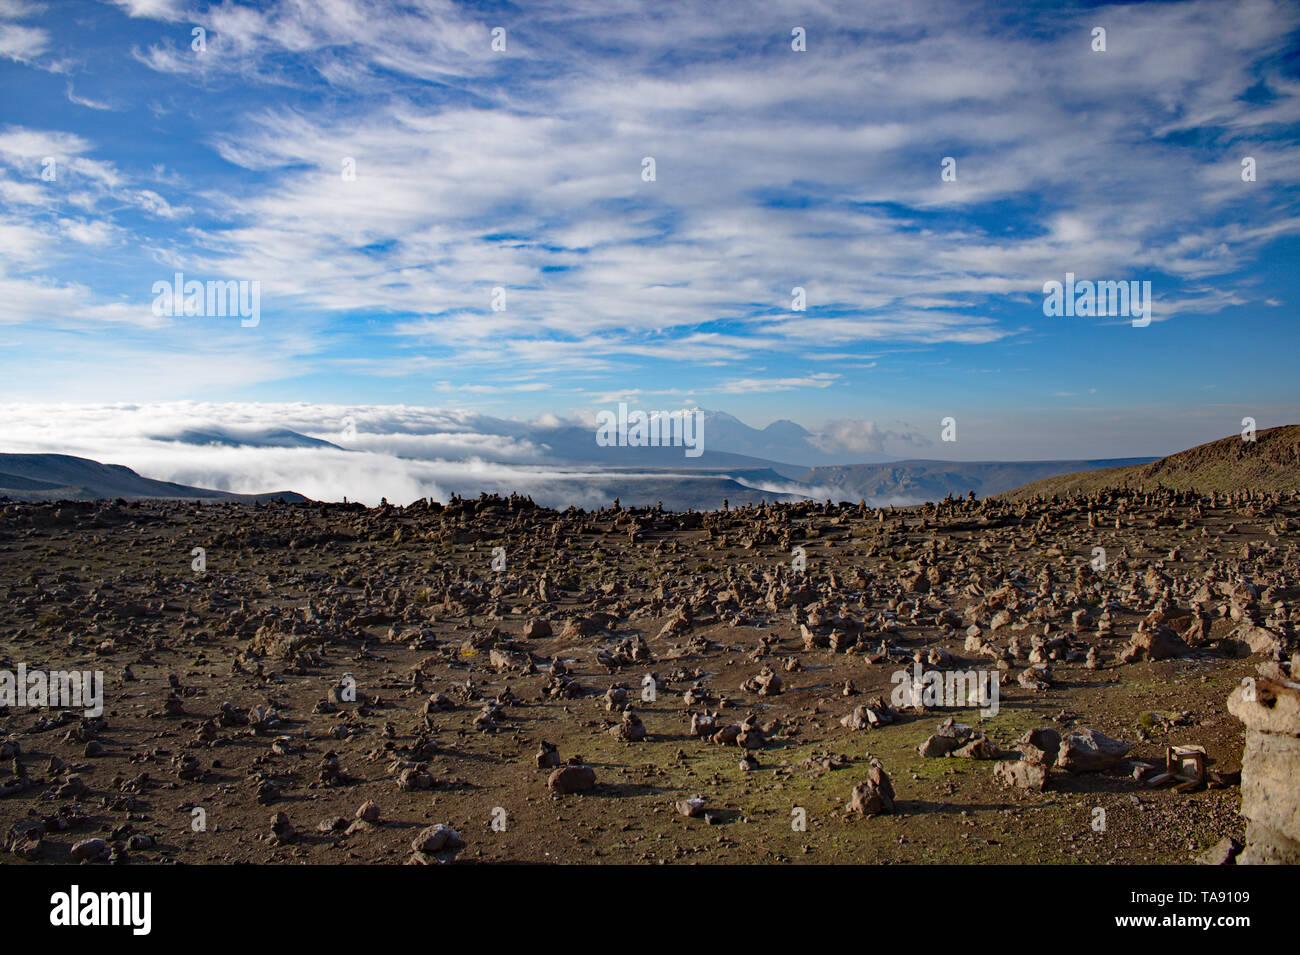 Viewpoint at Colca Canyon, Peru - Stock Image